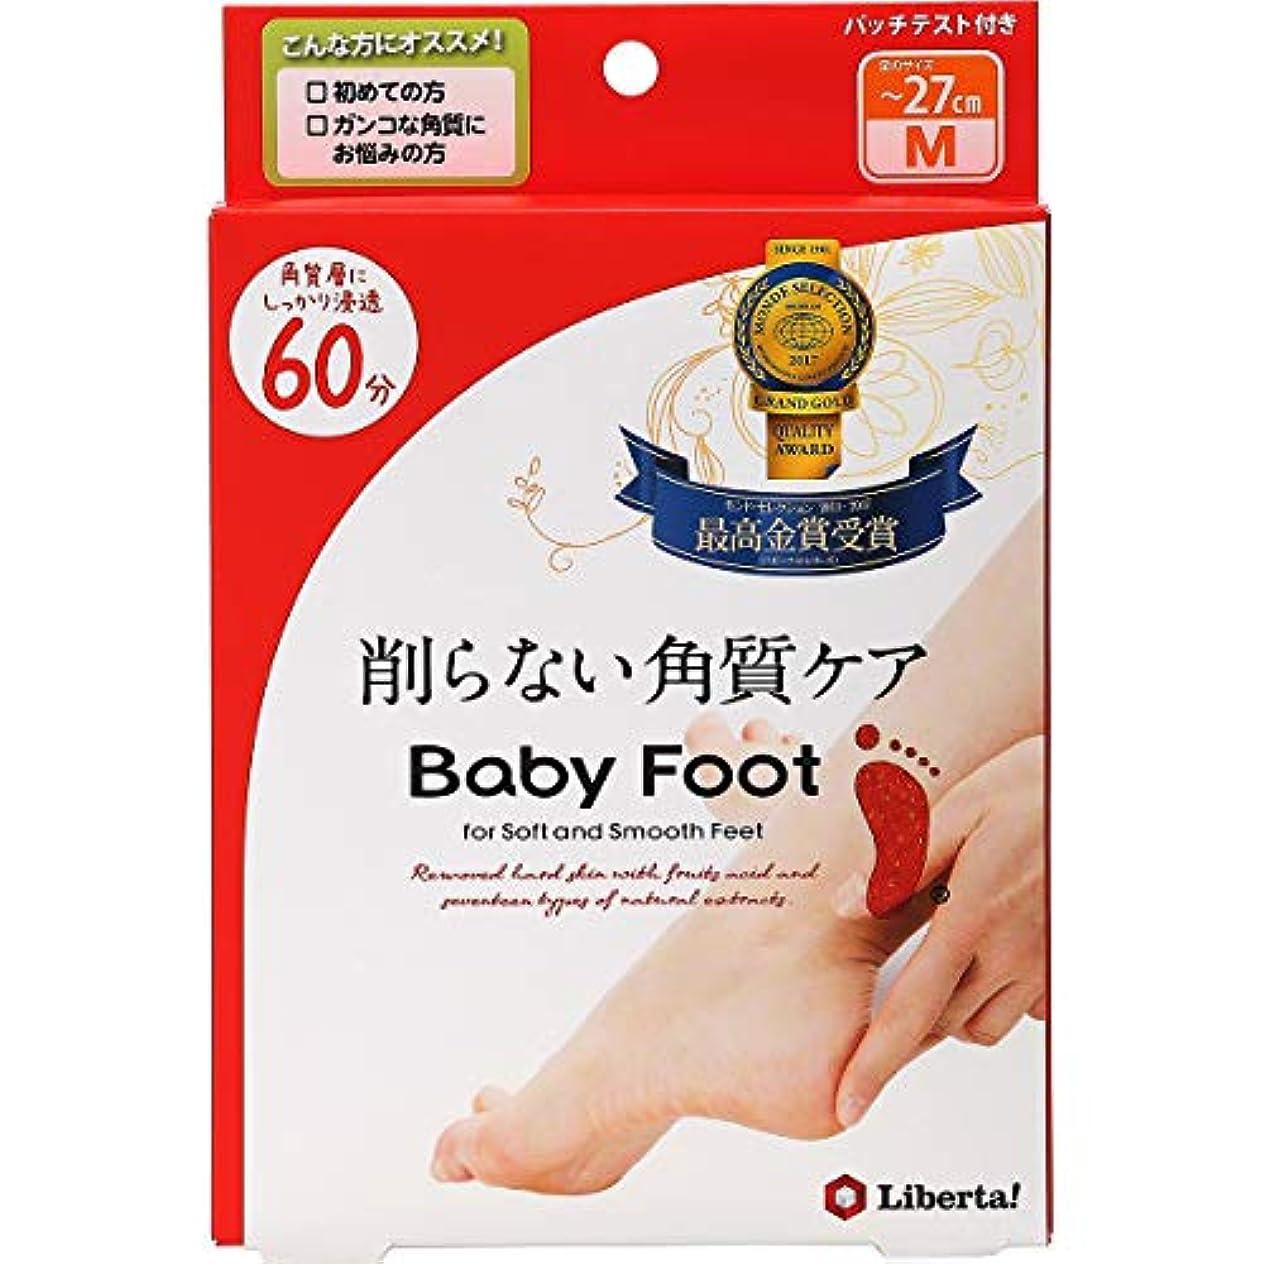 悪行罪争いベビーフット (Baby Foot) ベビーフット イージーパック SPT60分タイプ Mサイズ 単品